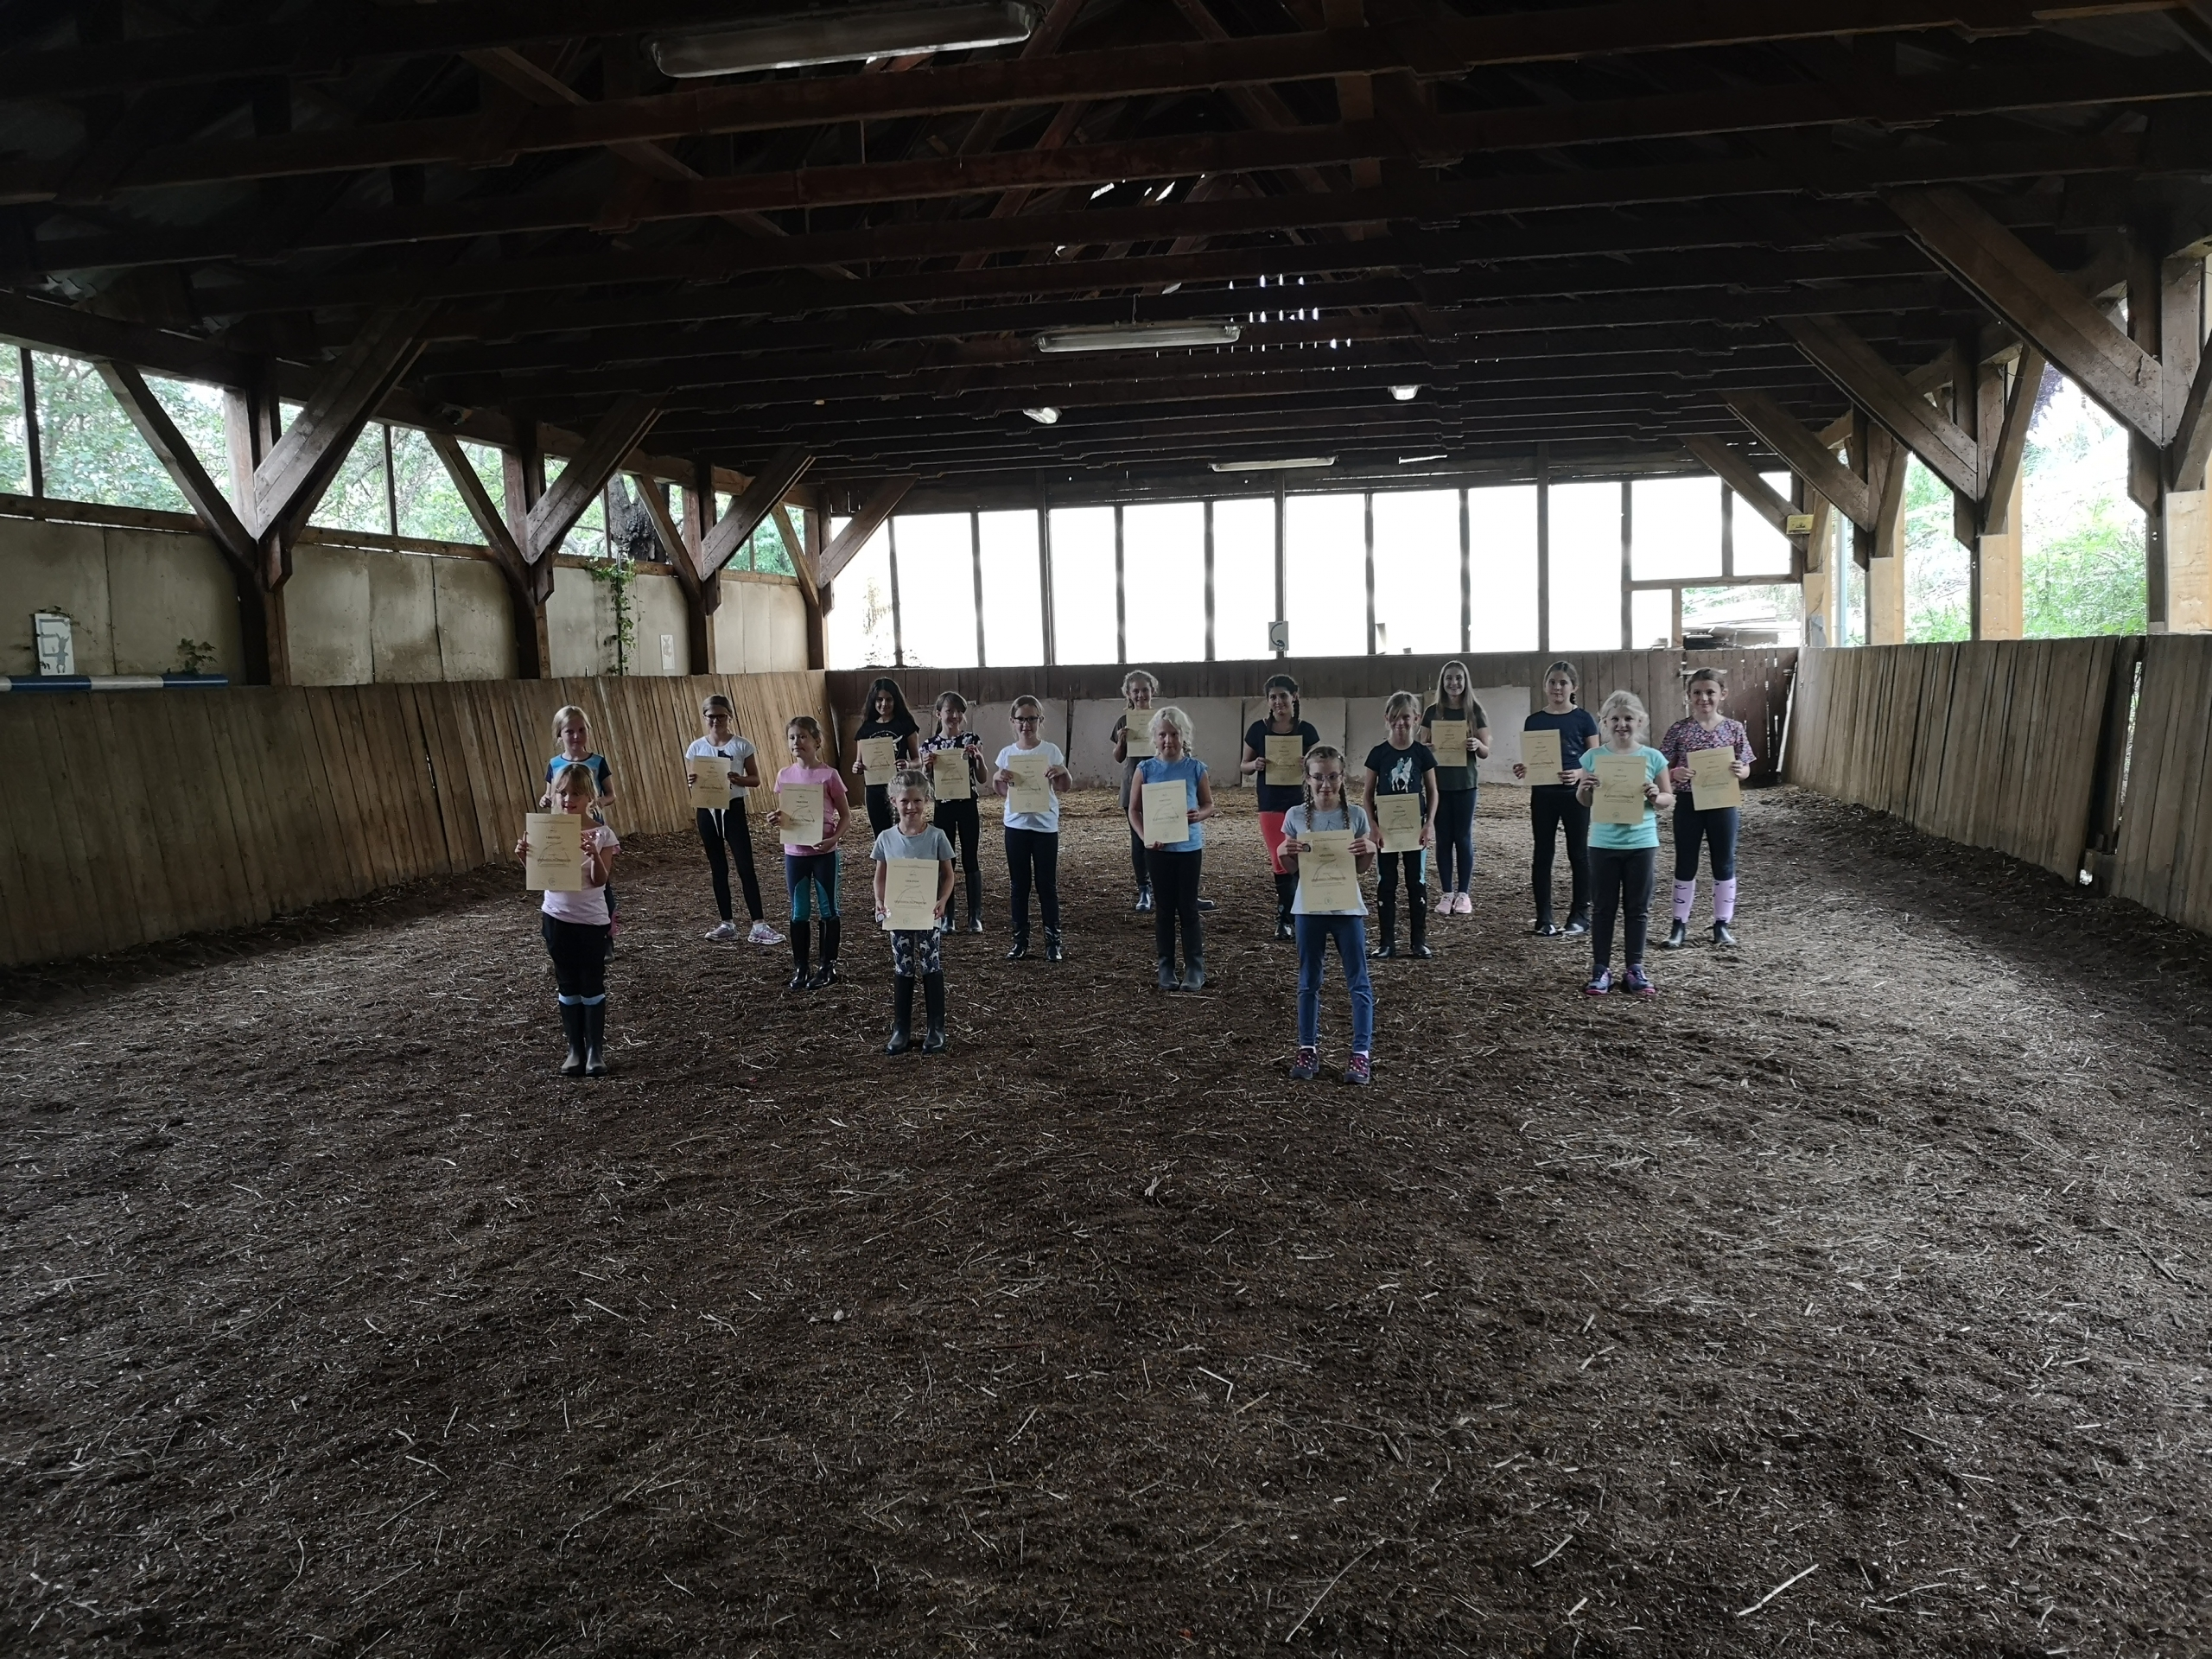 Motivationsprüfungen zum kleinen und großen Hufeisen im URV Brunner Heide. © privat